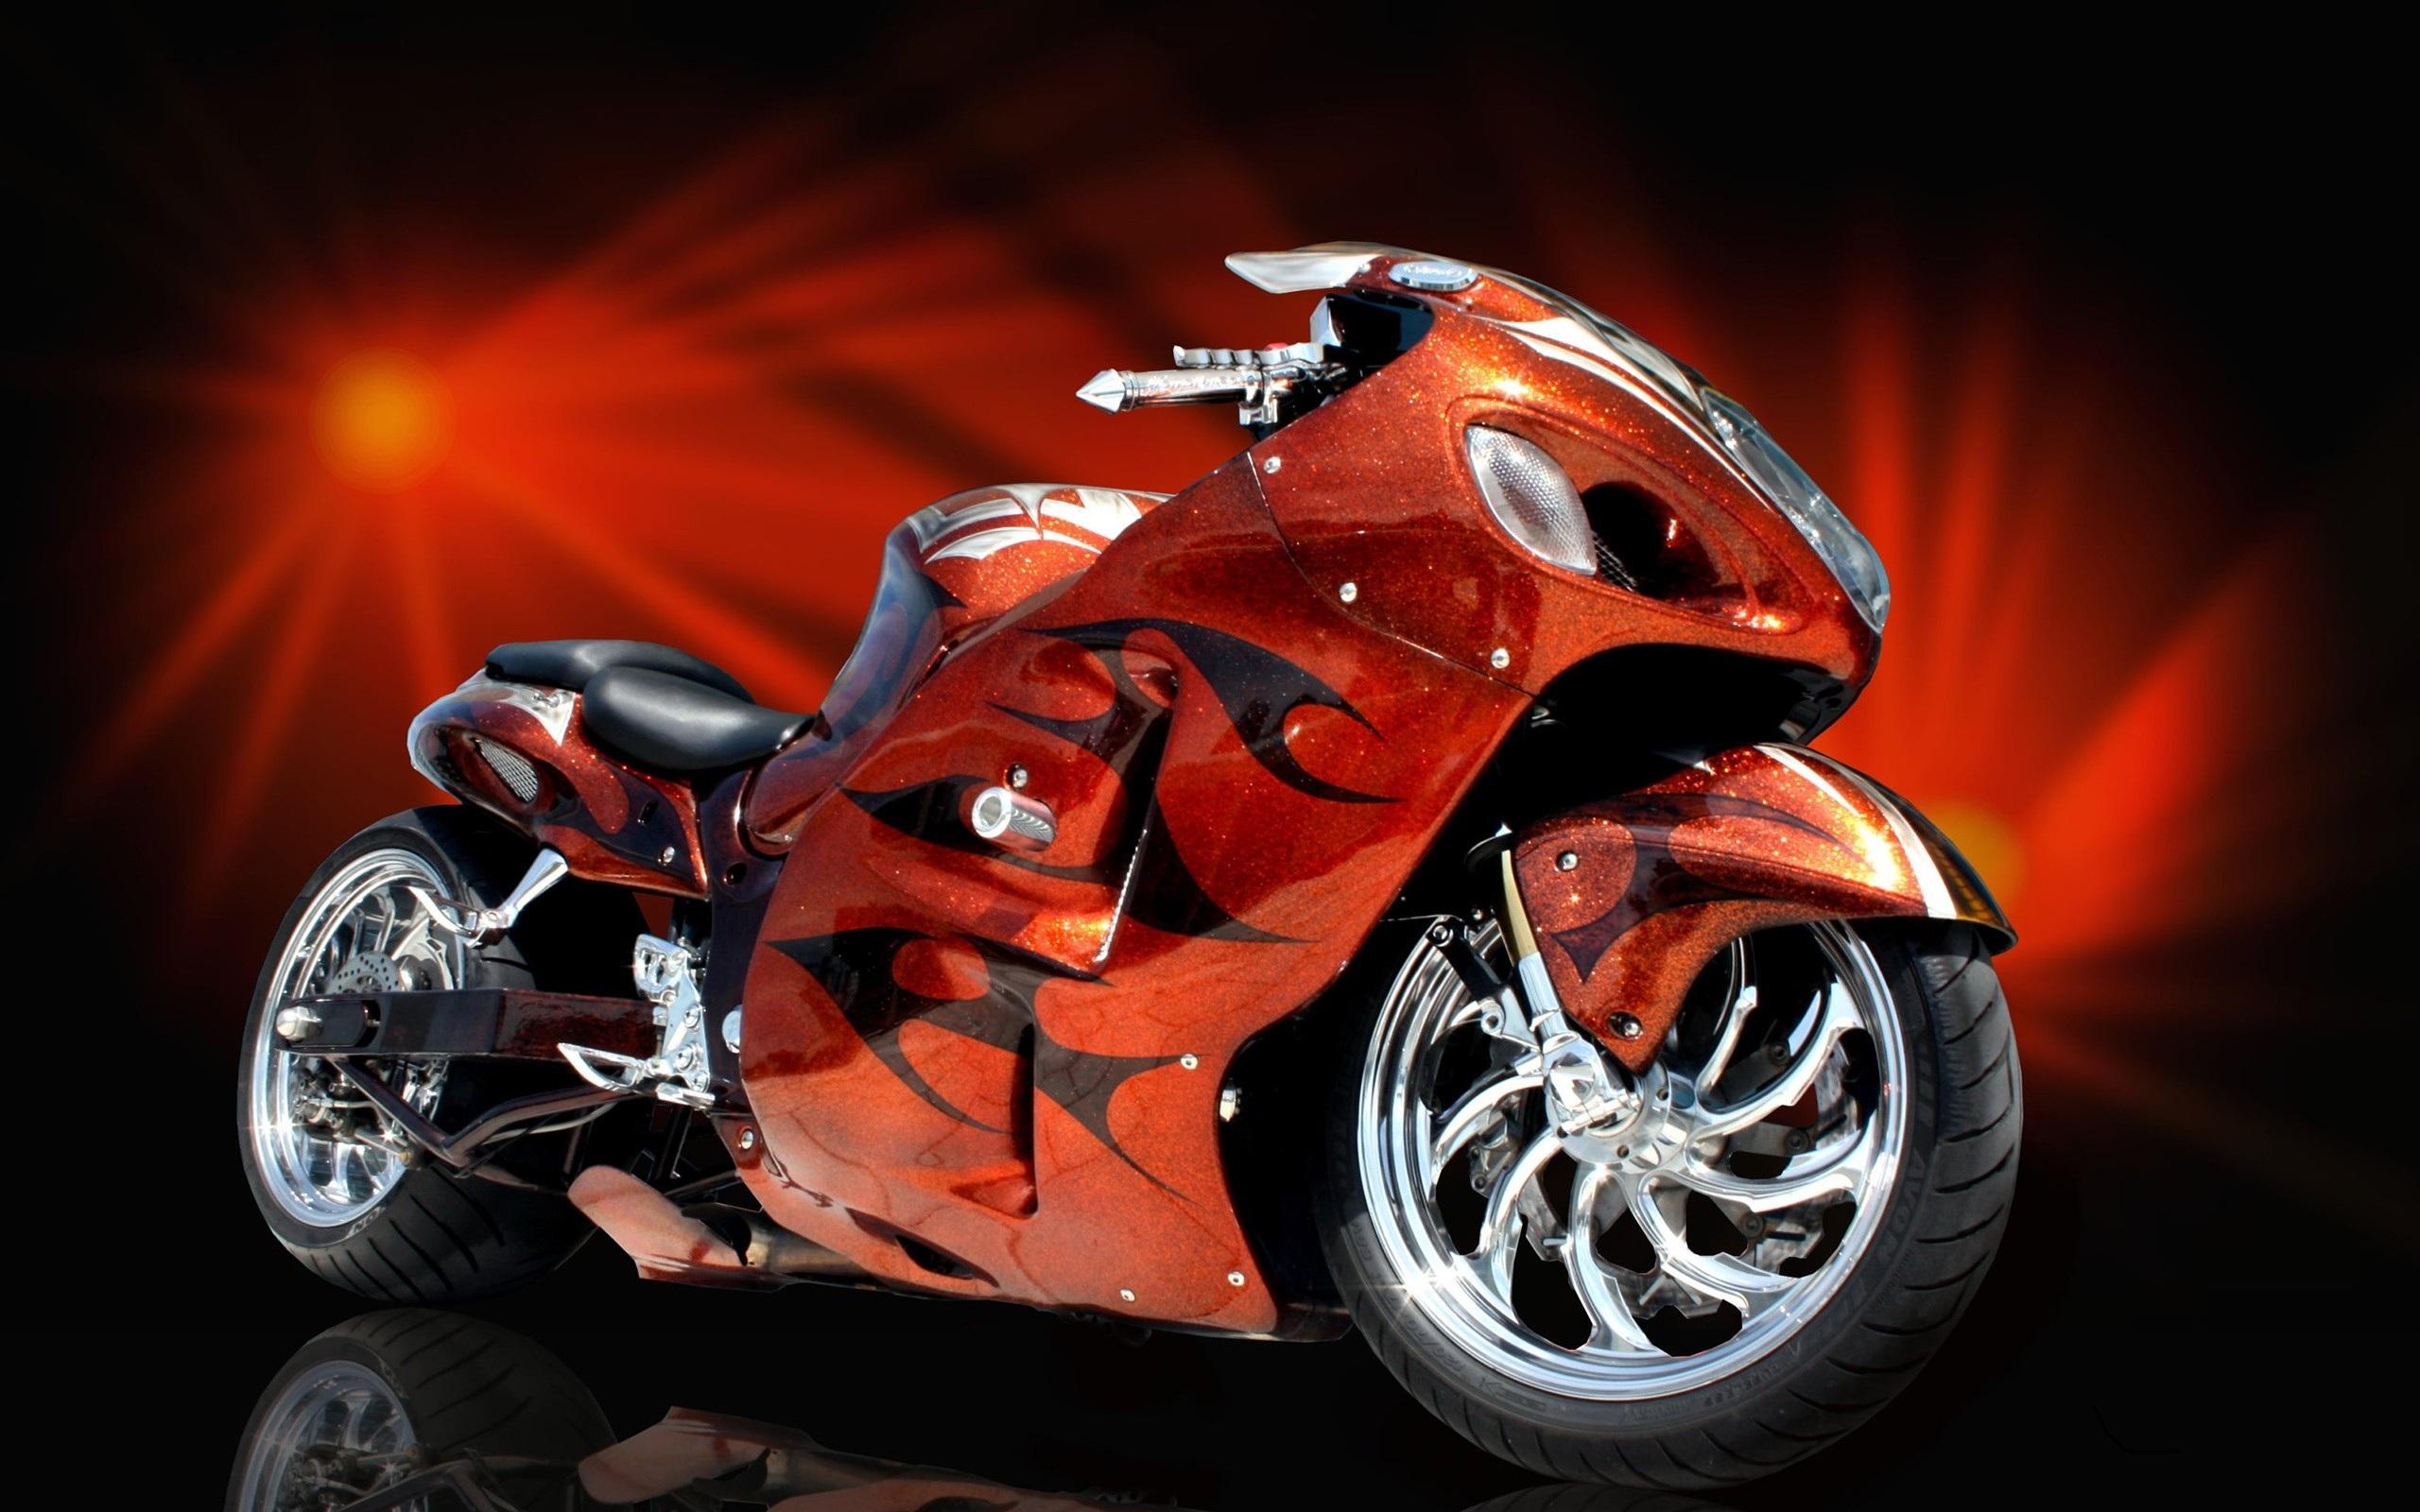 представлены фото крутых тачек и мотоциклов слишком долго француженки